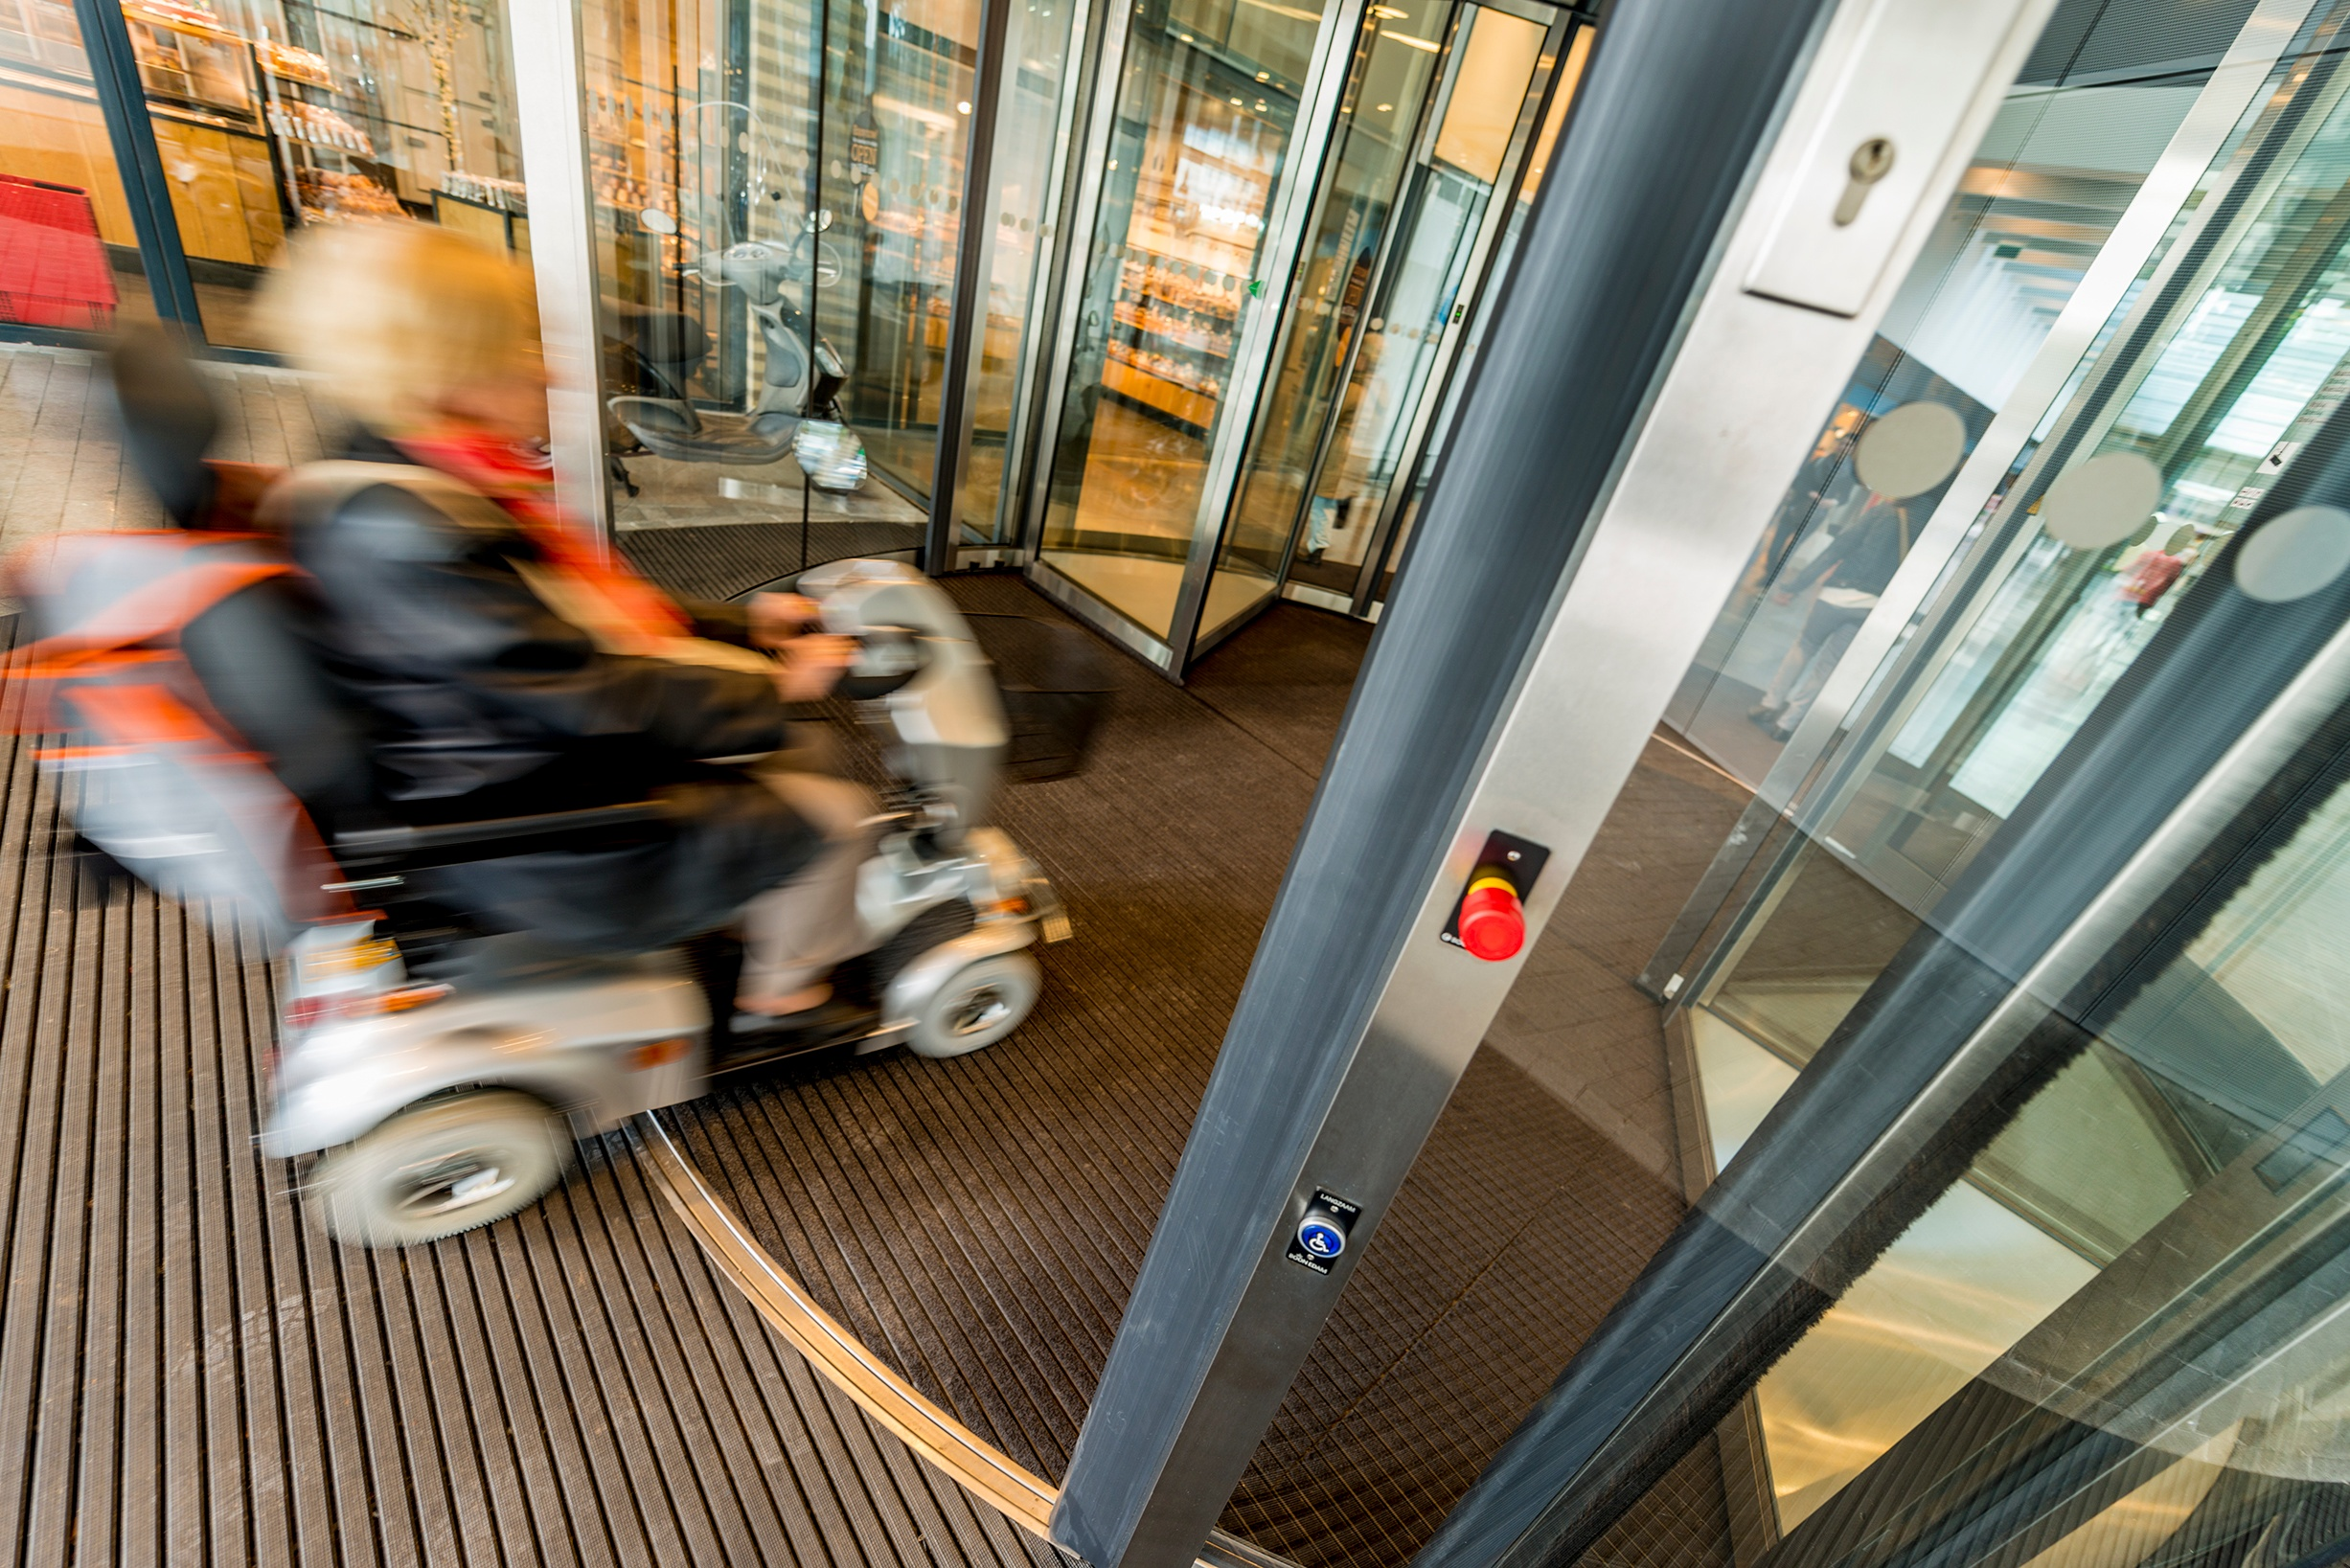 Met EN 16005 een veilige automatische deur voor iedereen | Boon Edam